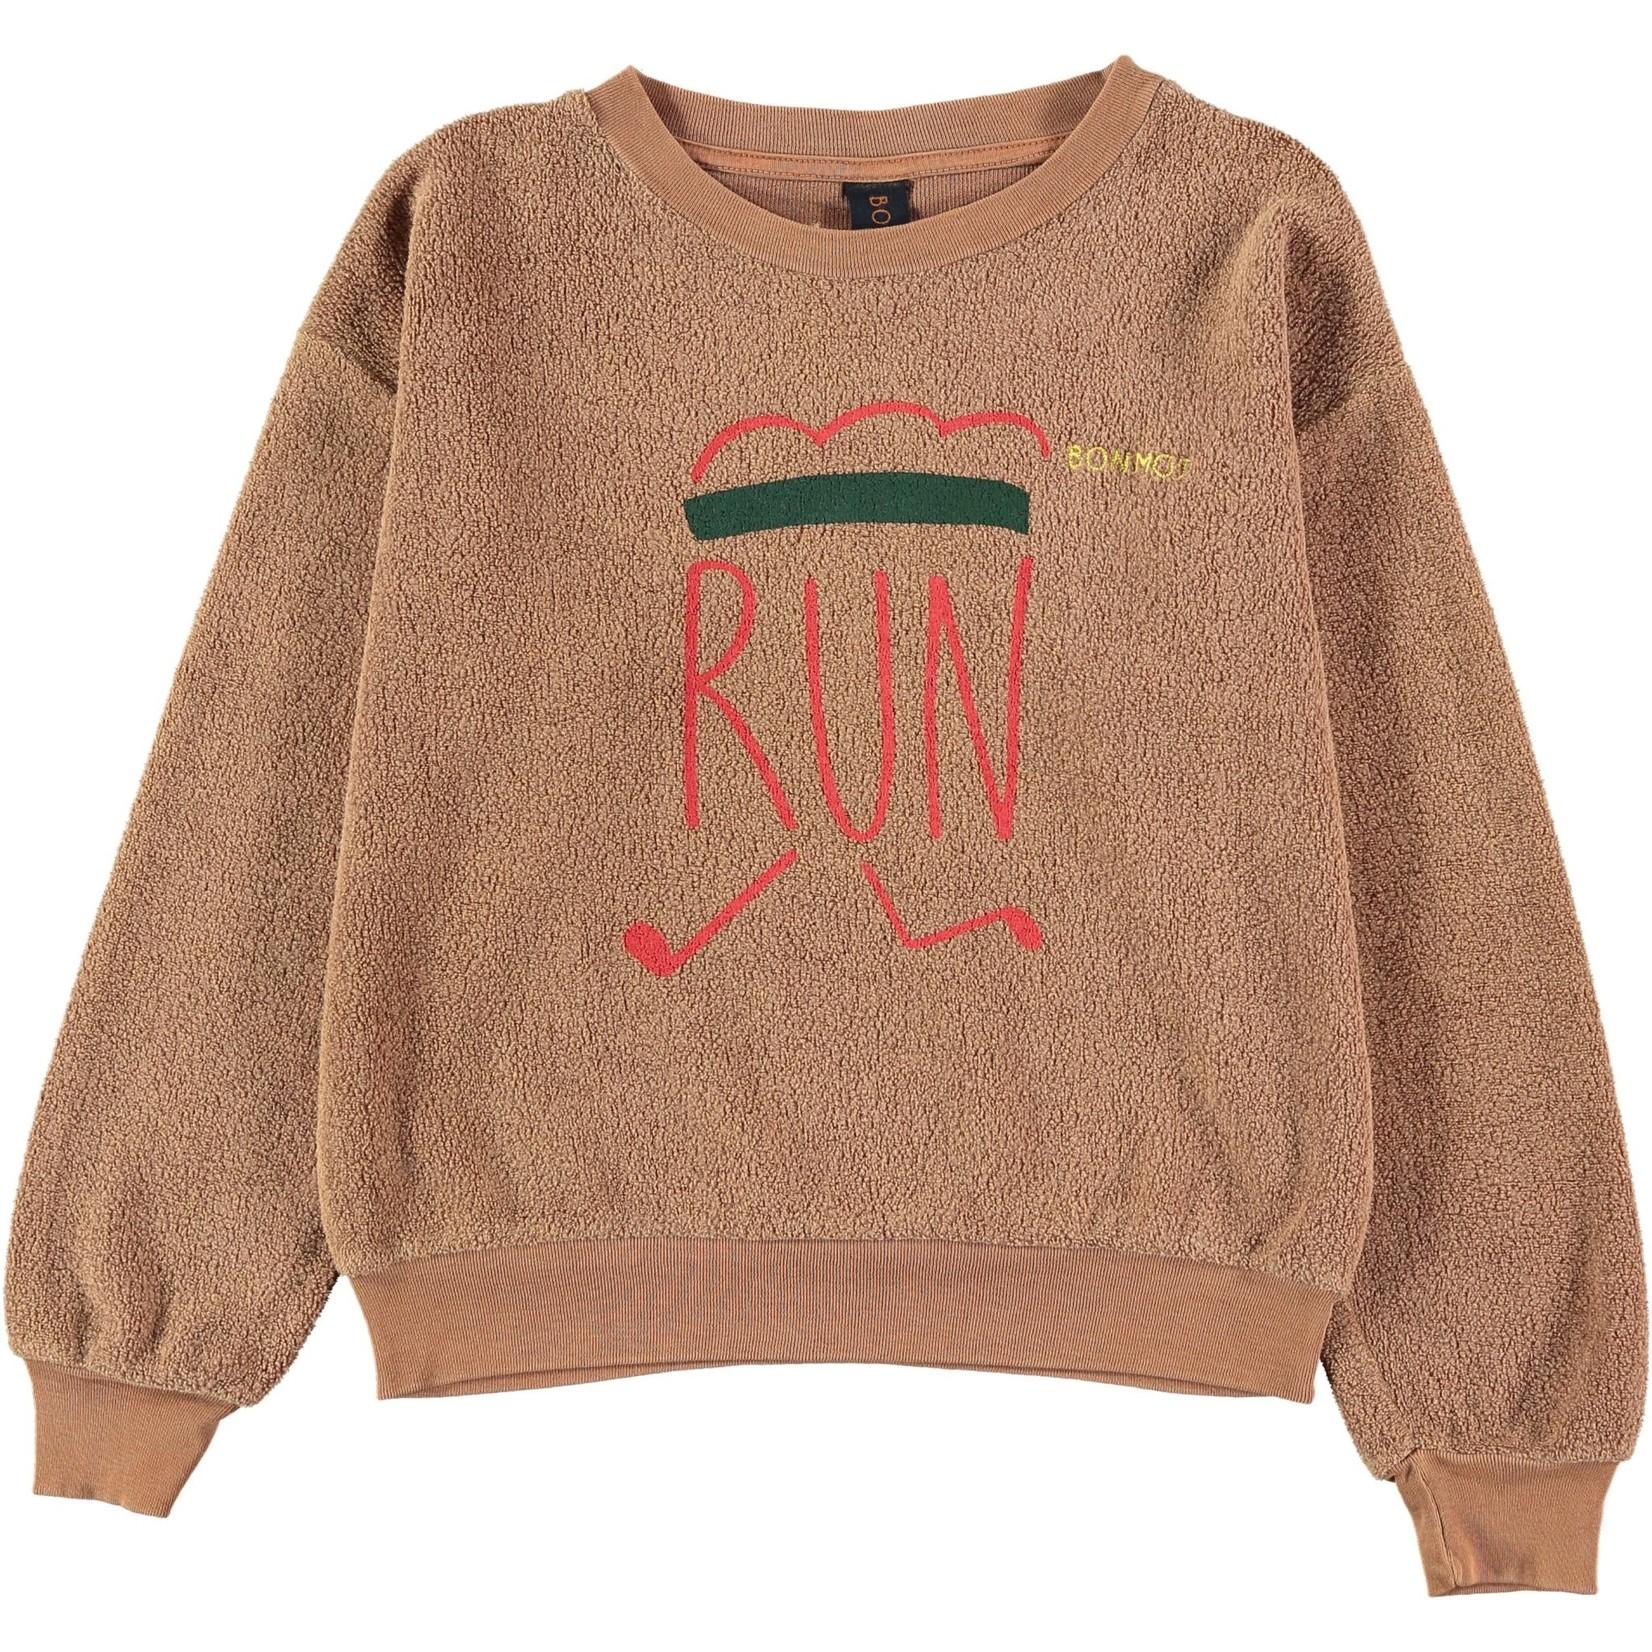 BONMOT BONMOT organic.Sweatshirt runner